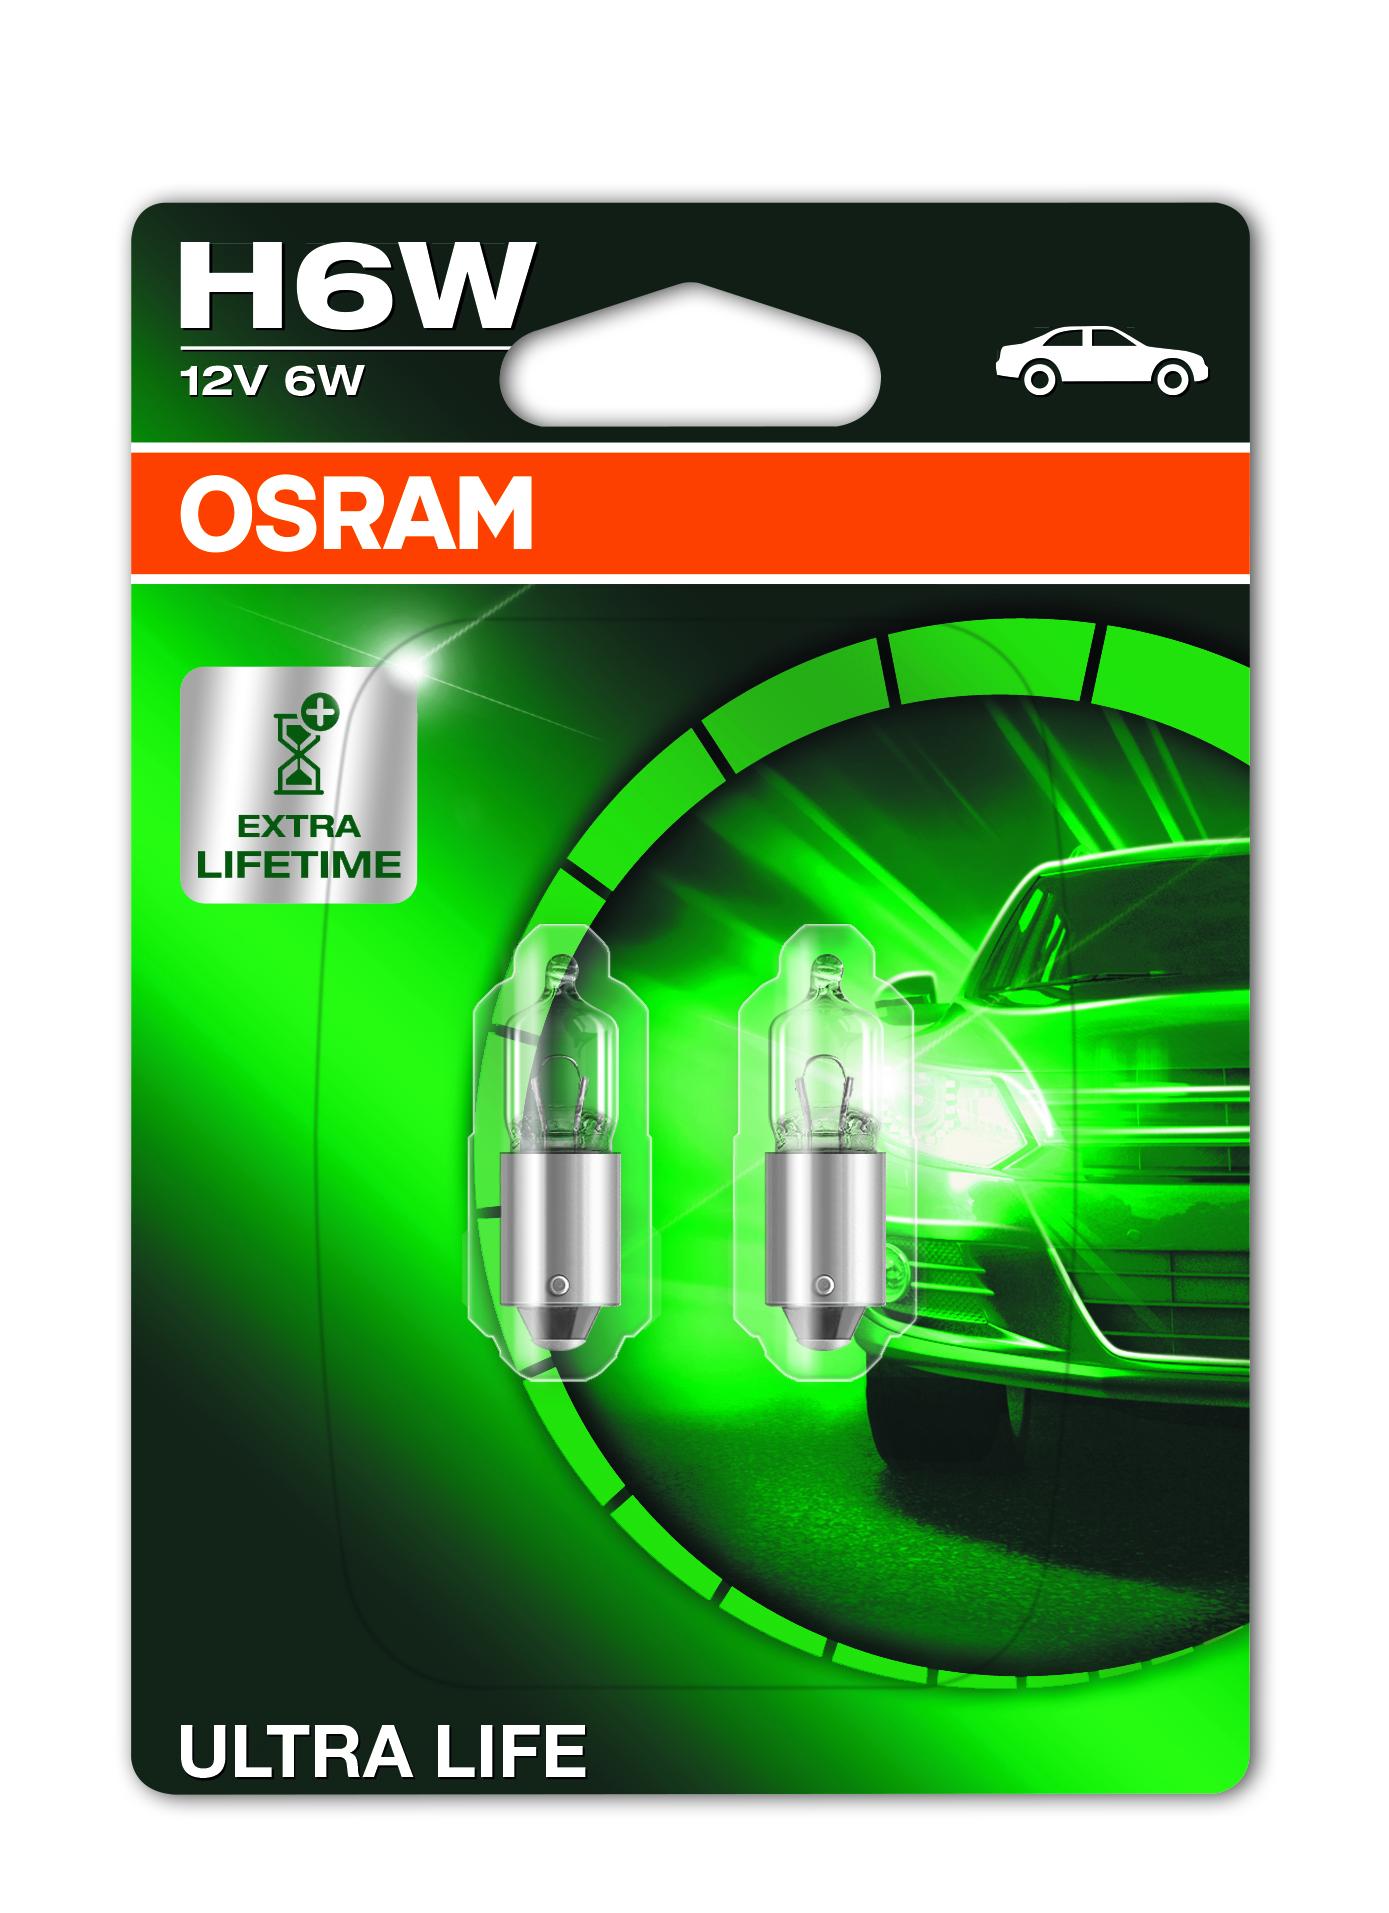 Osram halogenová žárovka, ULTRA LIFE, H6W, BAX95, 12V, 6W, 64132ULT-02B